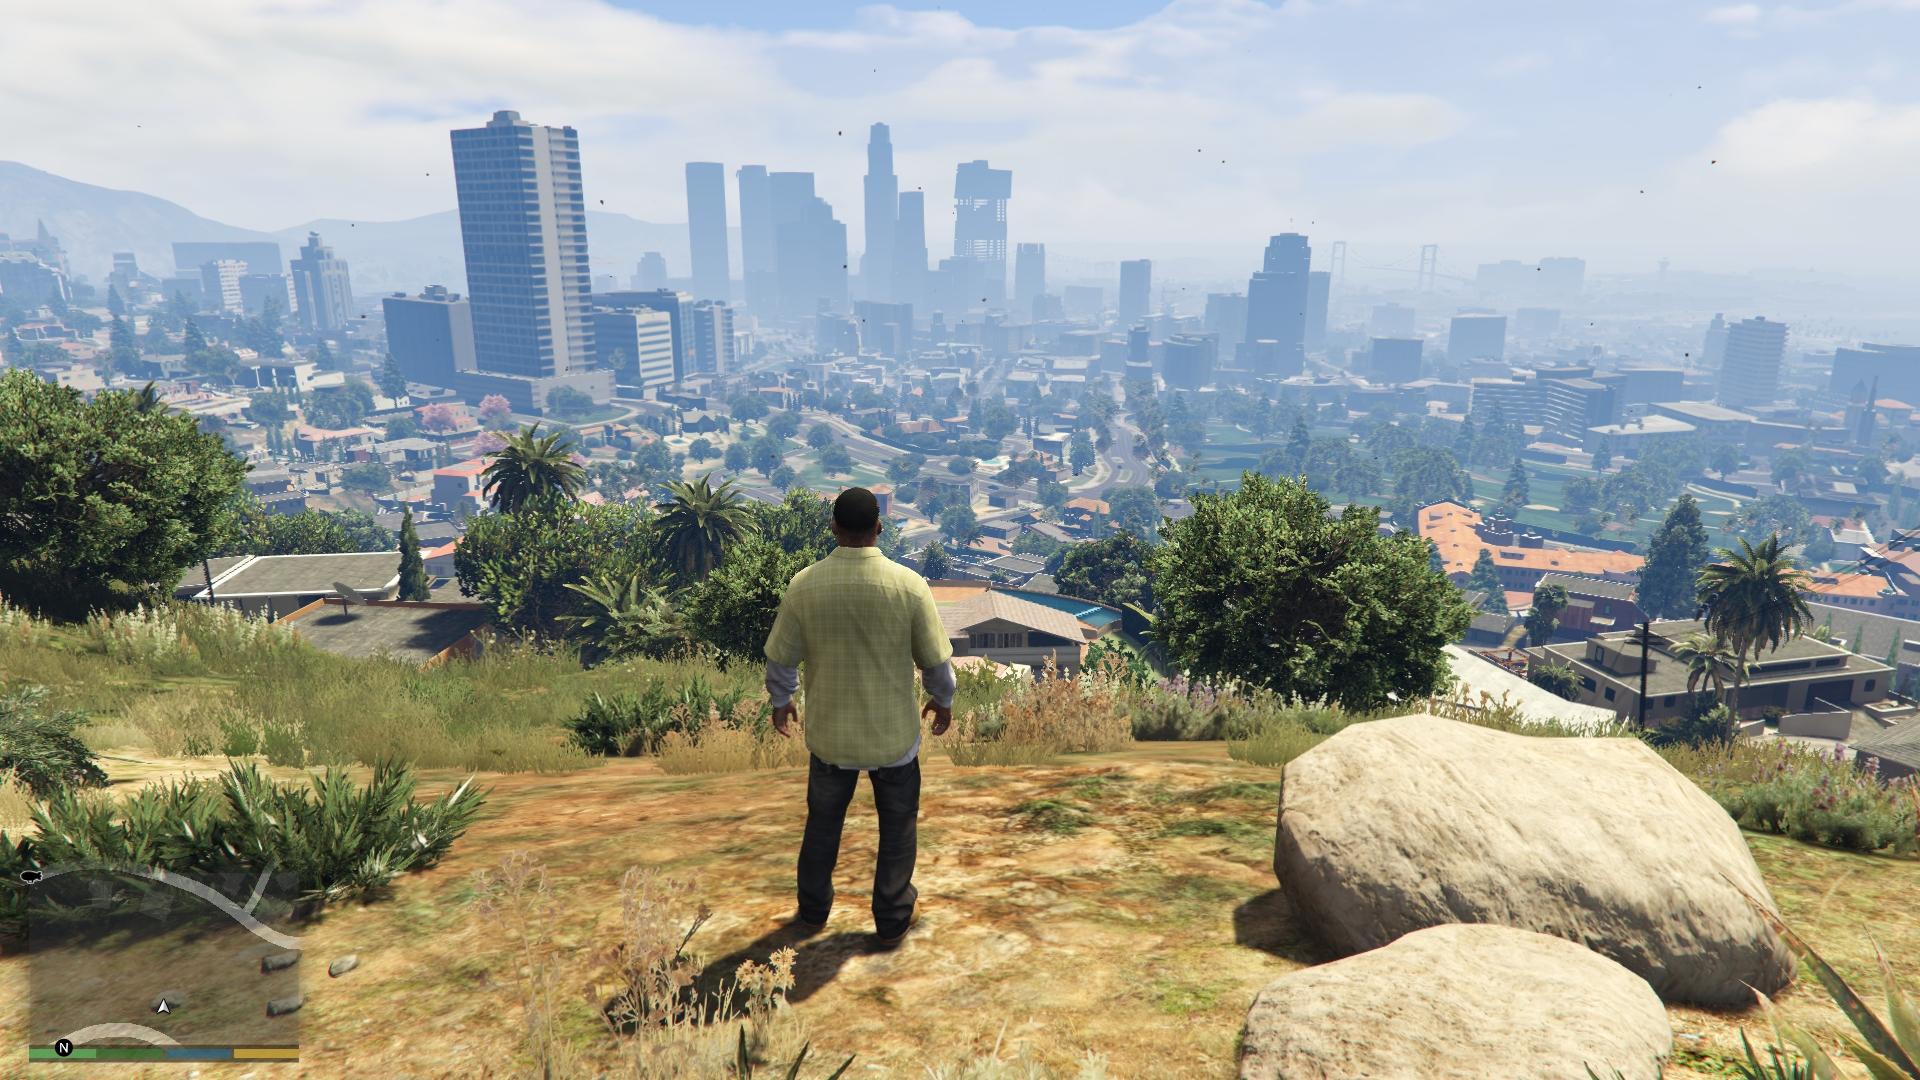 City of Los Santos in Grand Theft Auto V